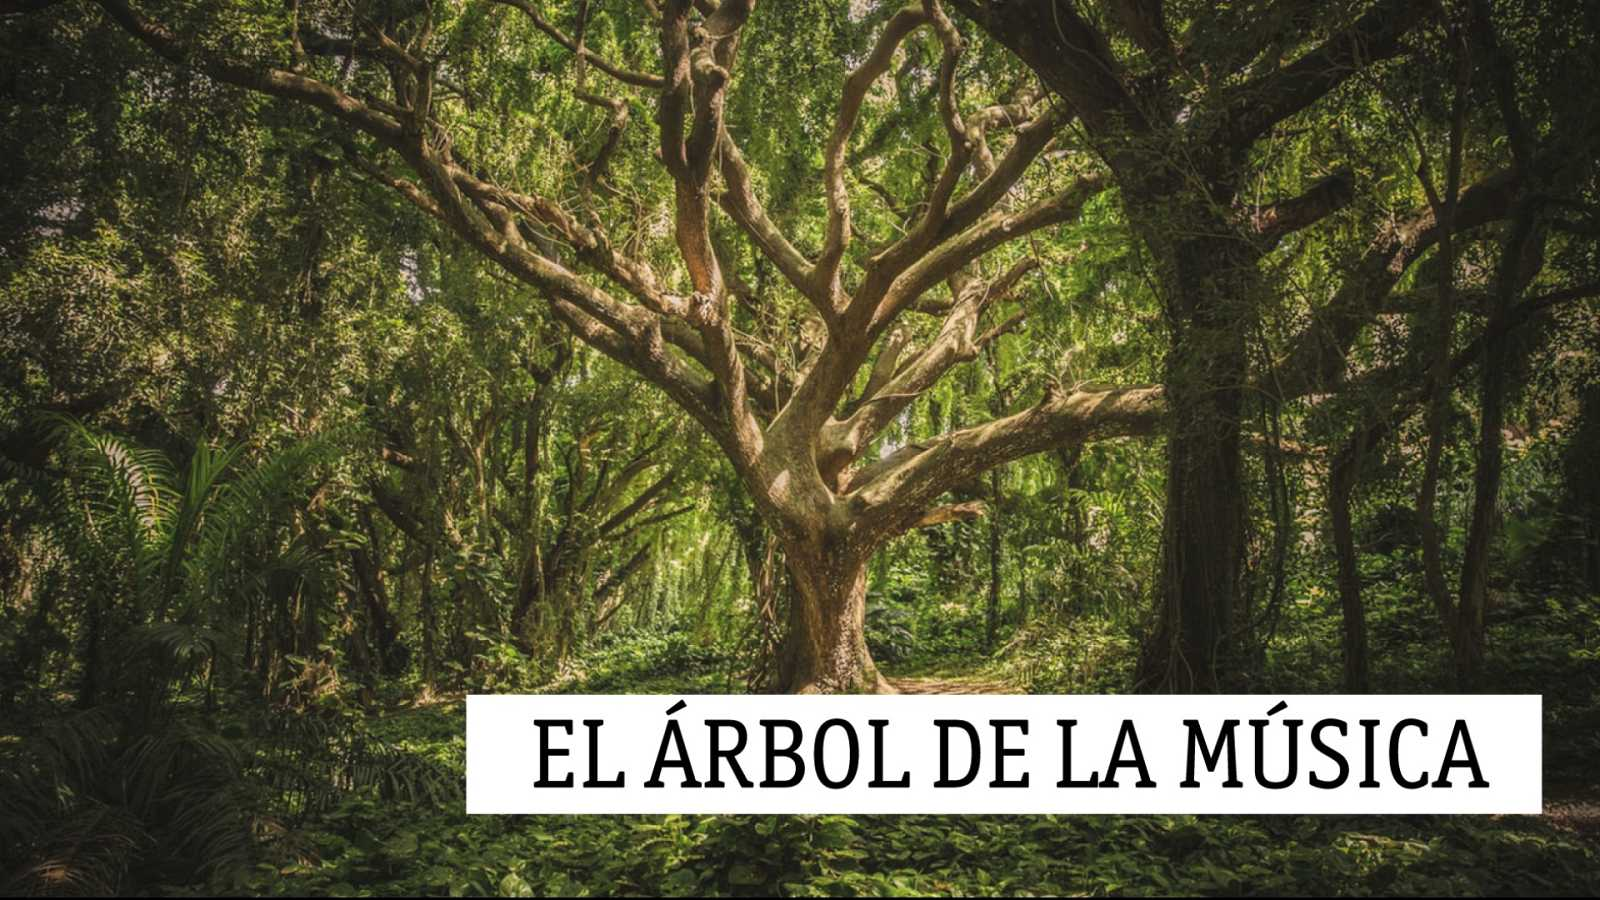 El árbol de la música - Cuento de amor - 14/02/21 - escuchar ahora